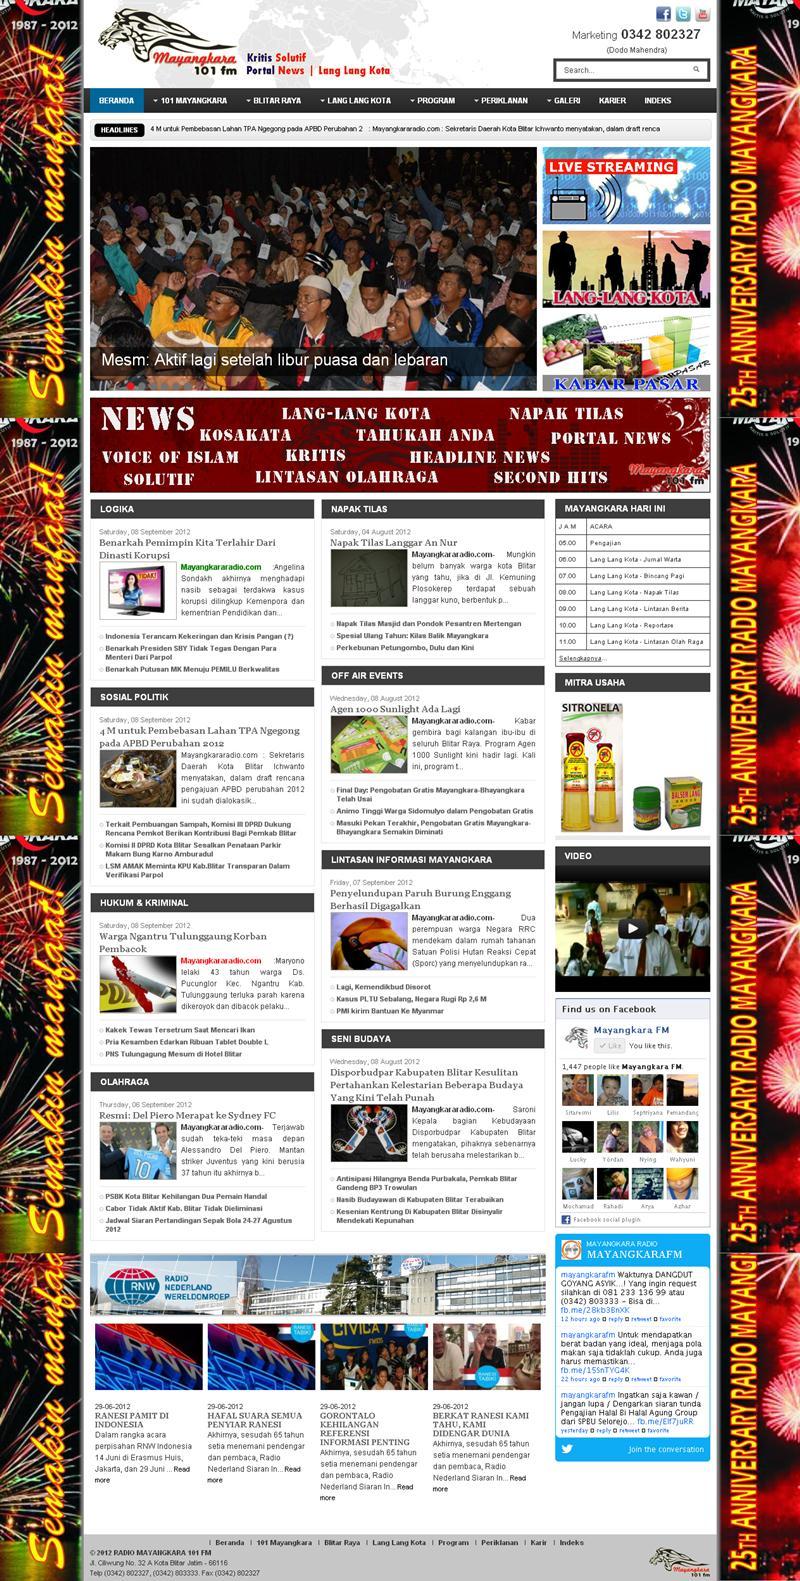 mayangkararadio.com